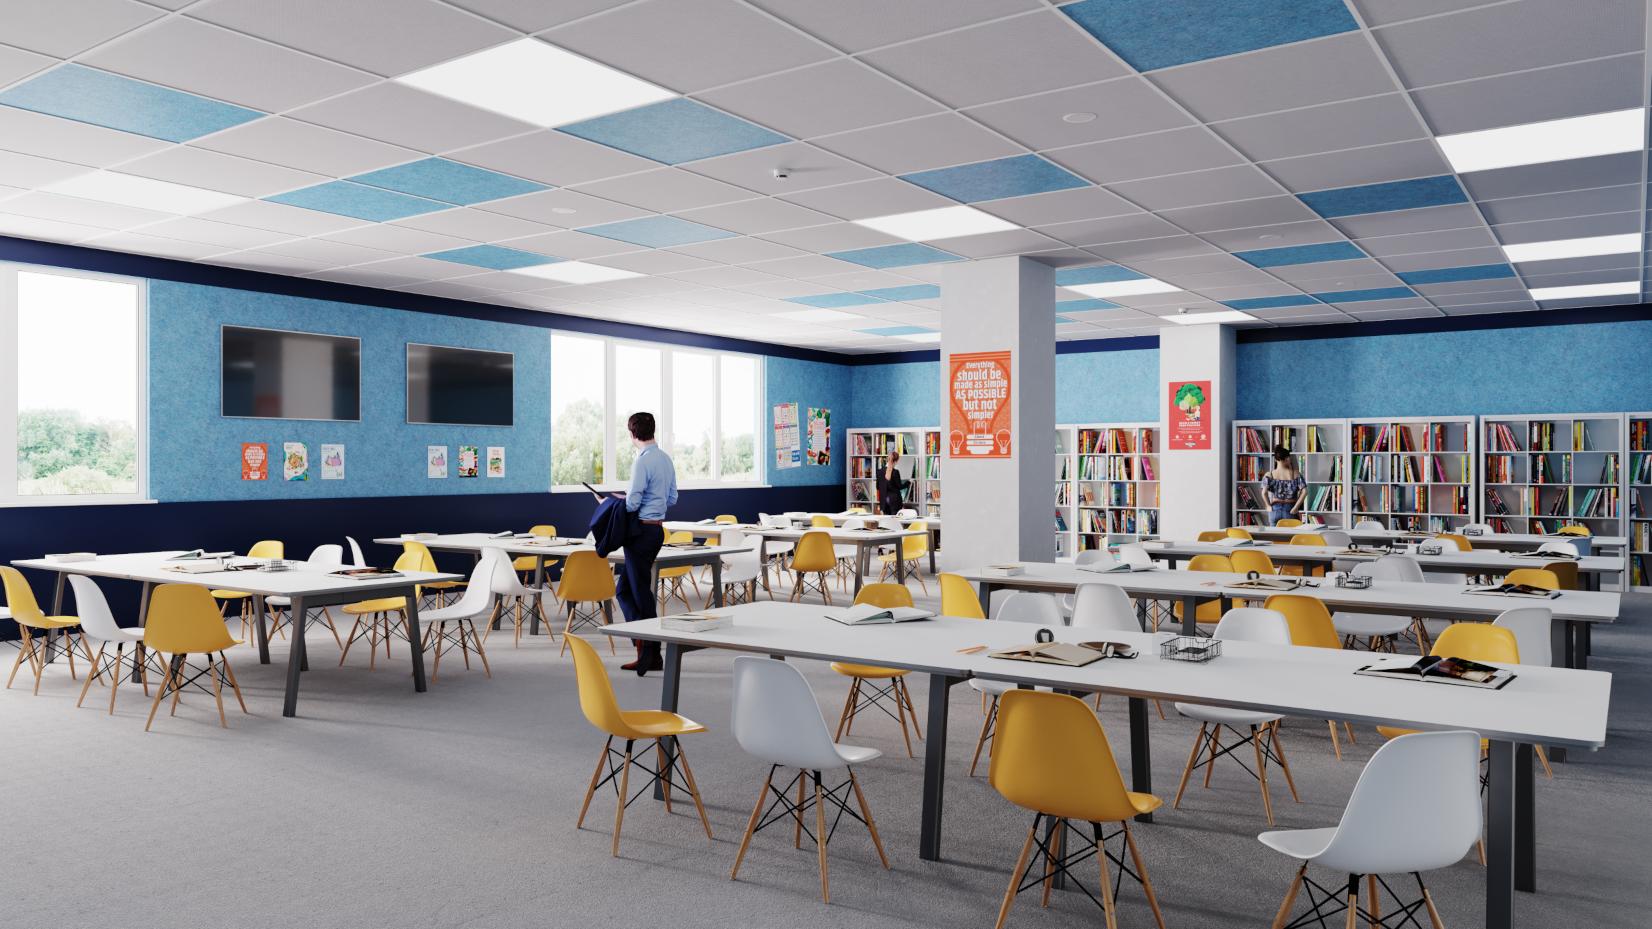 dECO Ceiling Tiles Image